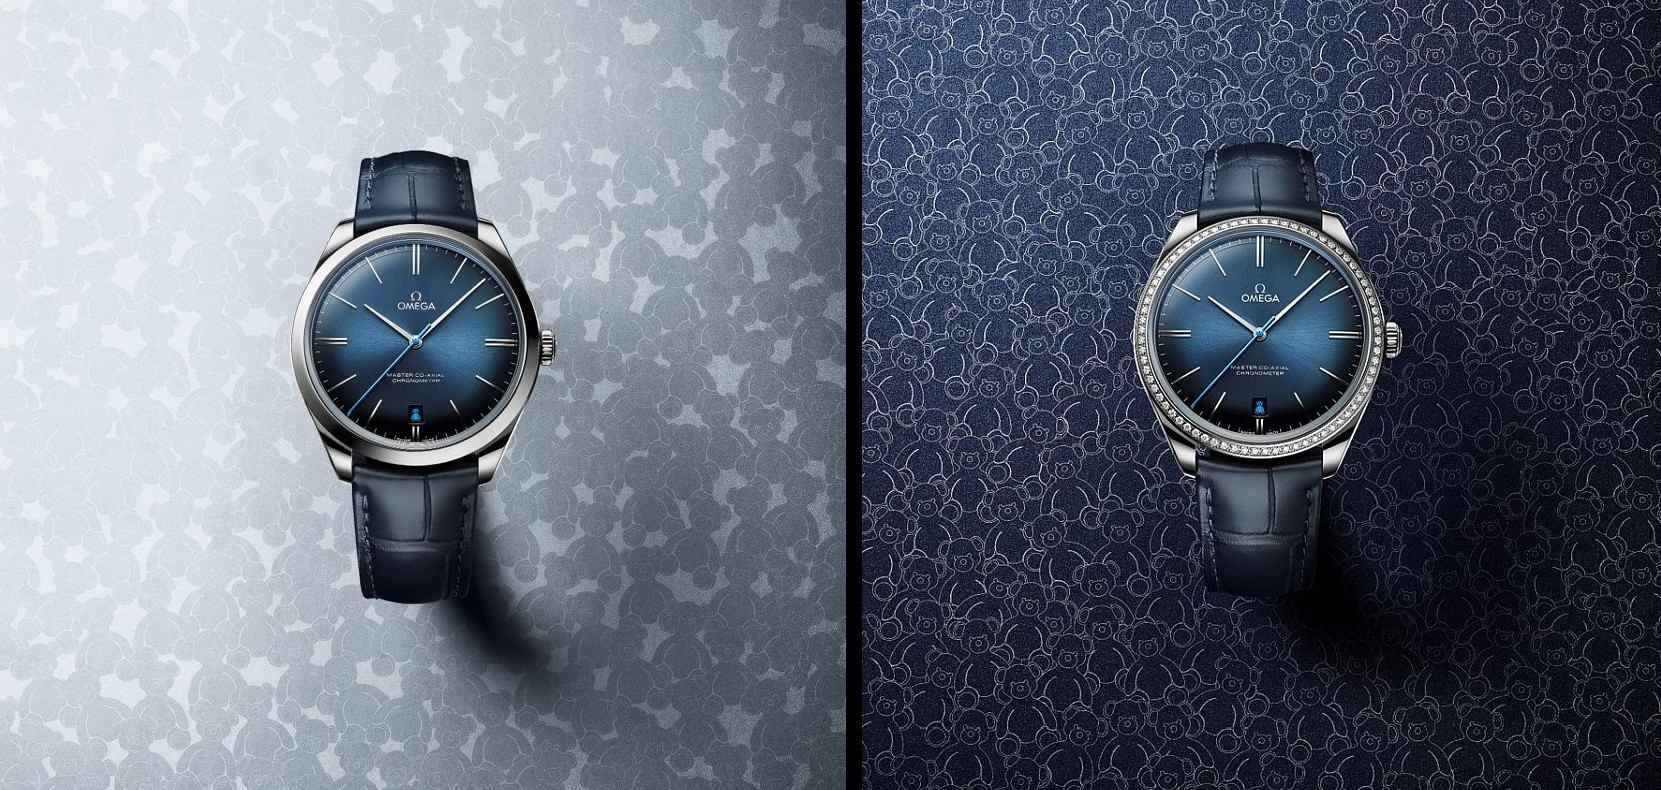 讓世界變得更美好:歐米茄推出兩款全新的De Ville Tresor奧比斯特別版腕錶